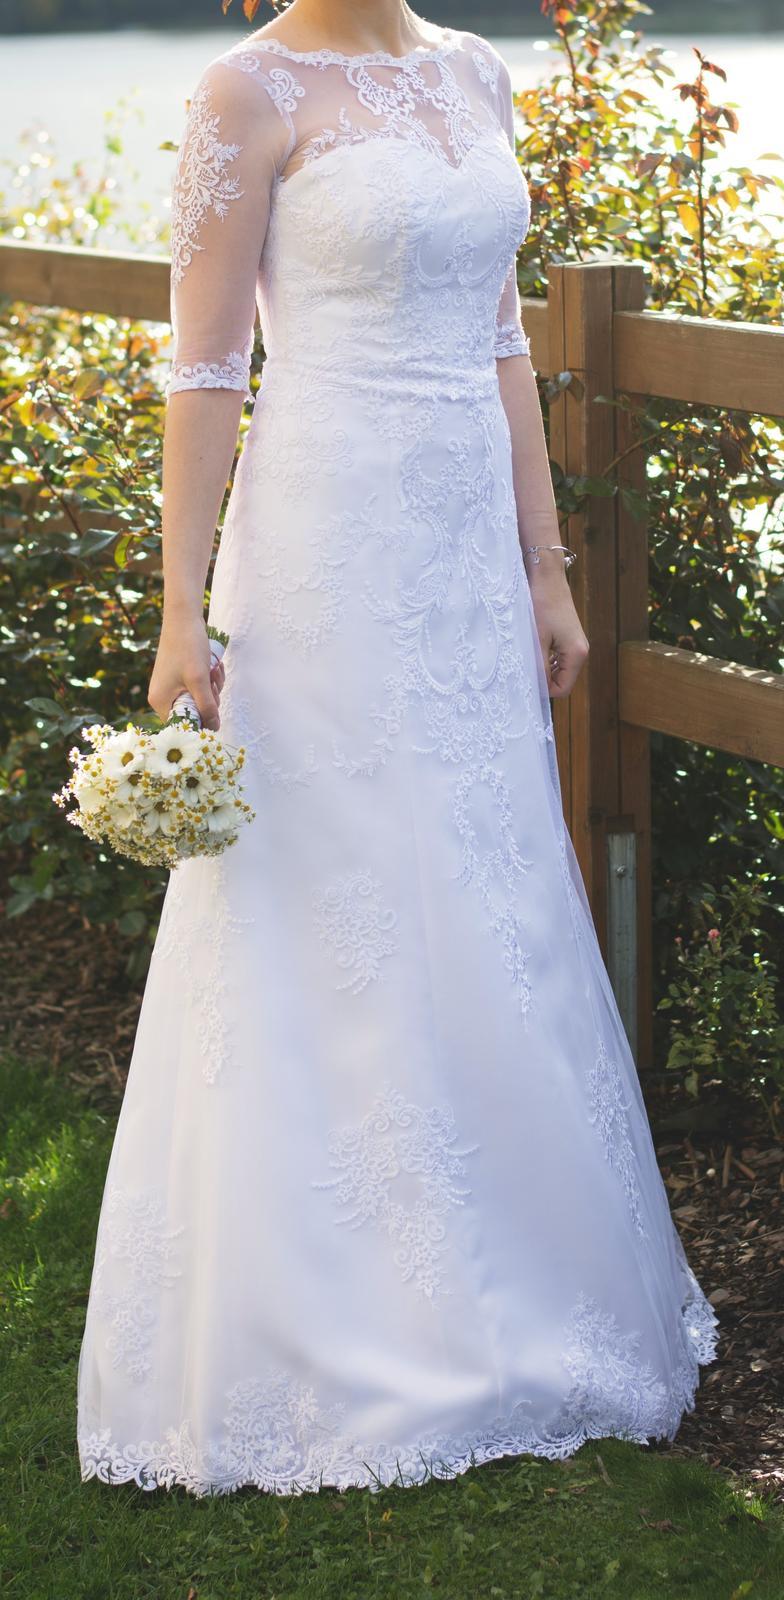 Celokrajkové, Krajkové svatební šaty vel. 36-38 - Obrázek č. 1